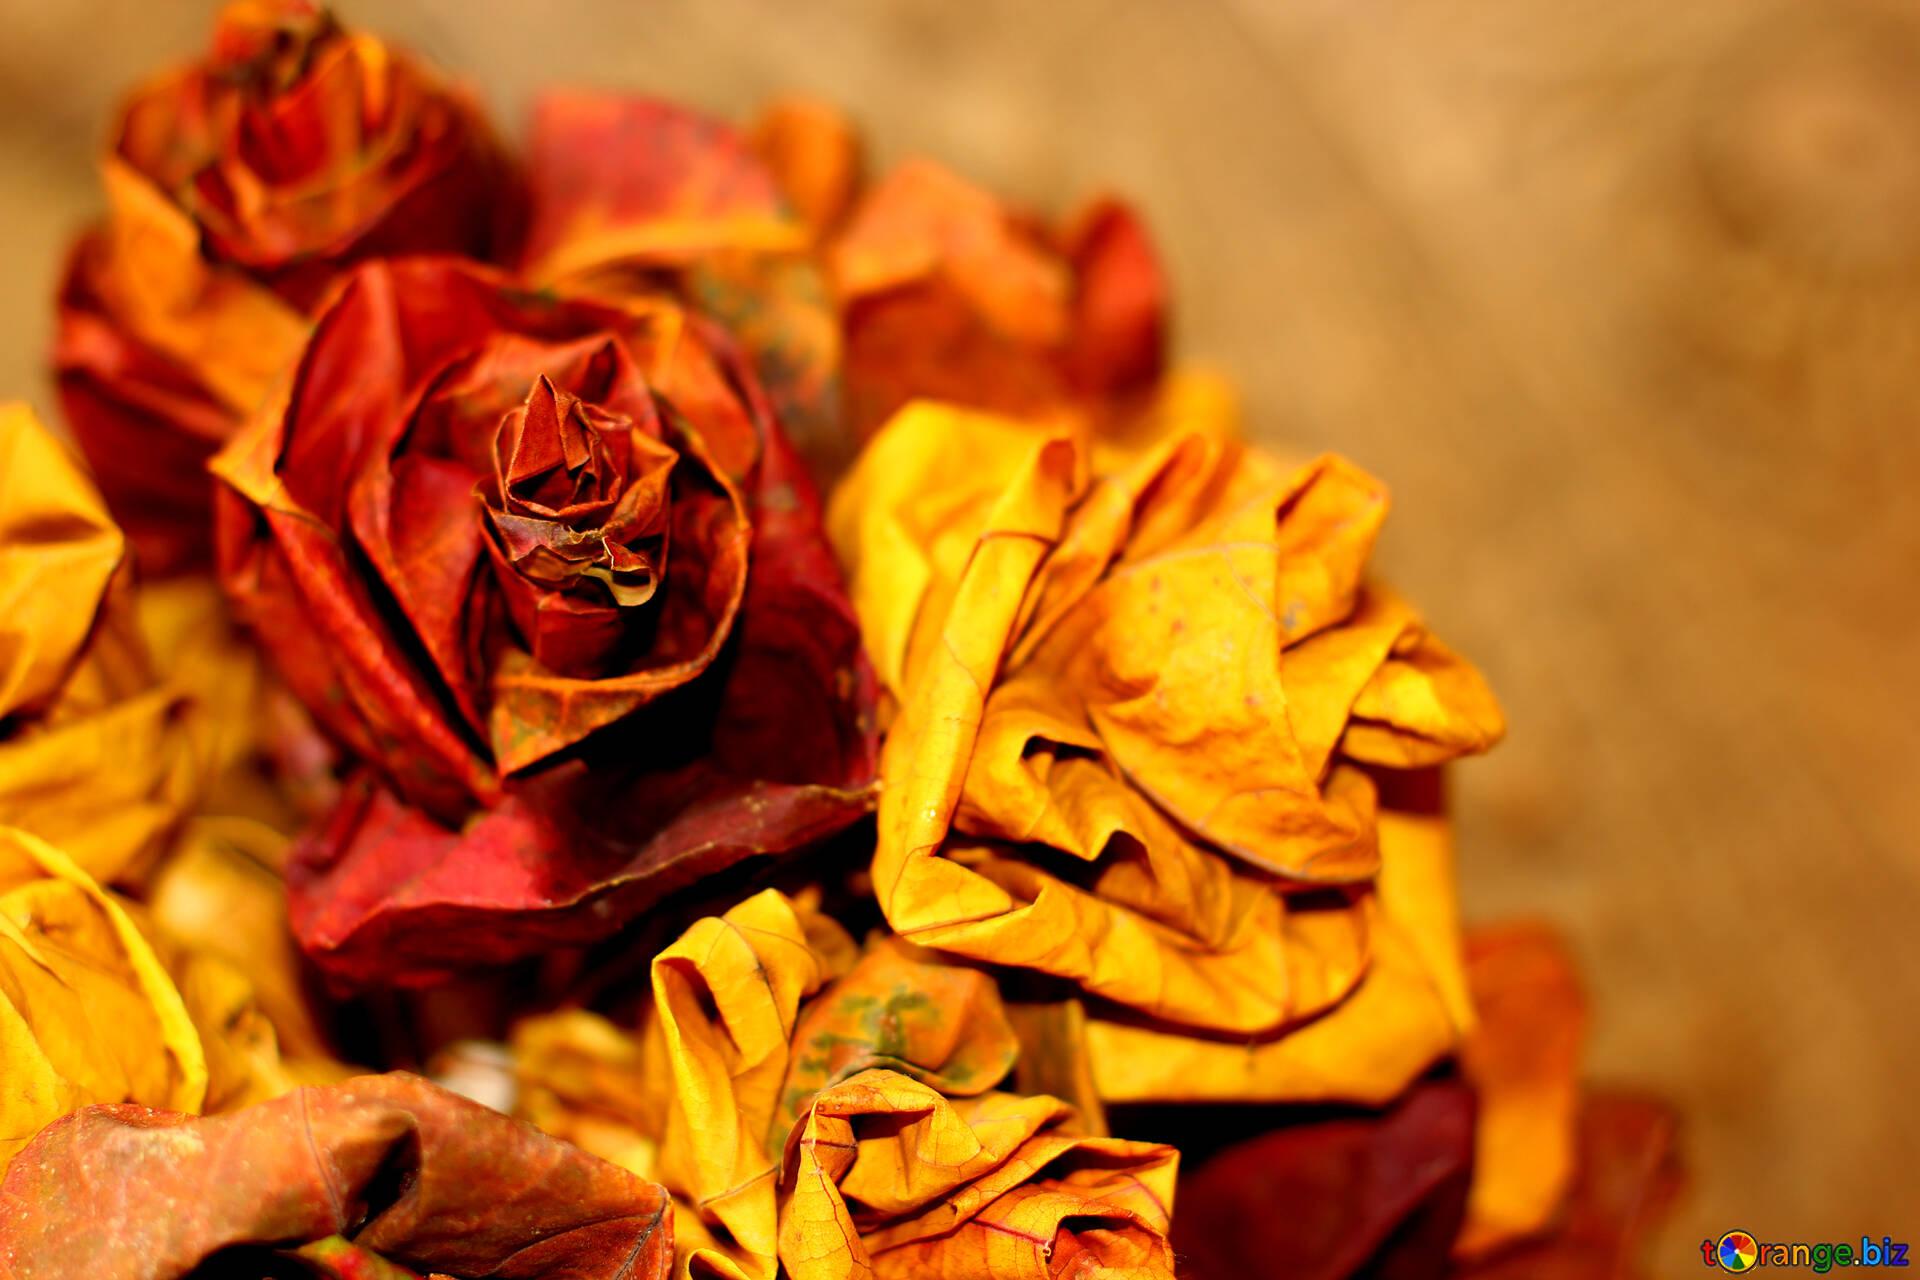 葉の花束 明るい秋のデスクトップの壁紙デスクトップ 枝葉 36027